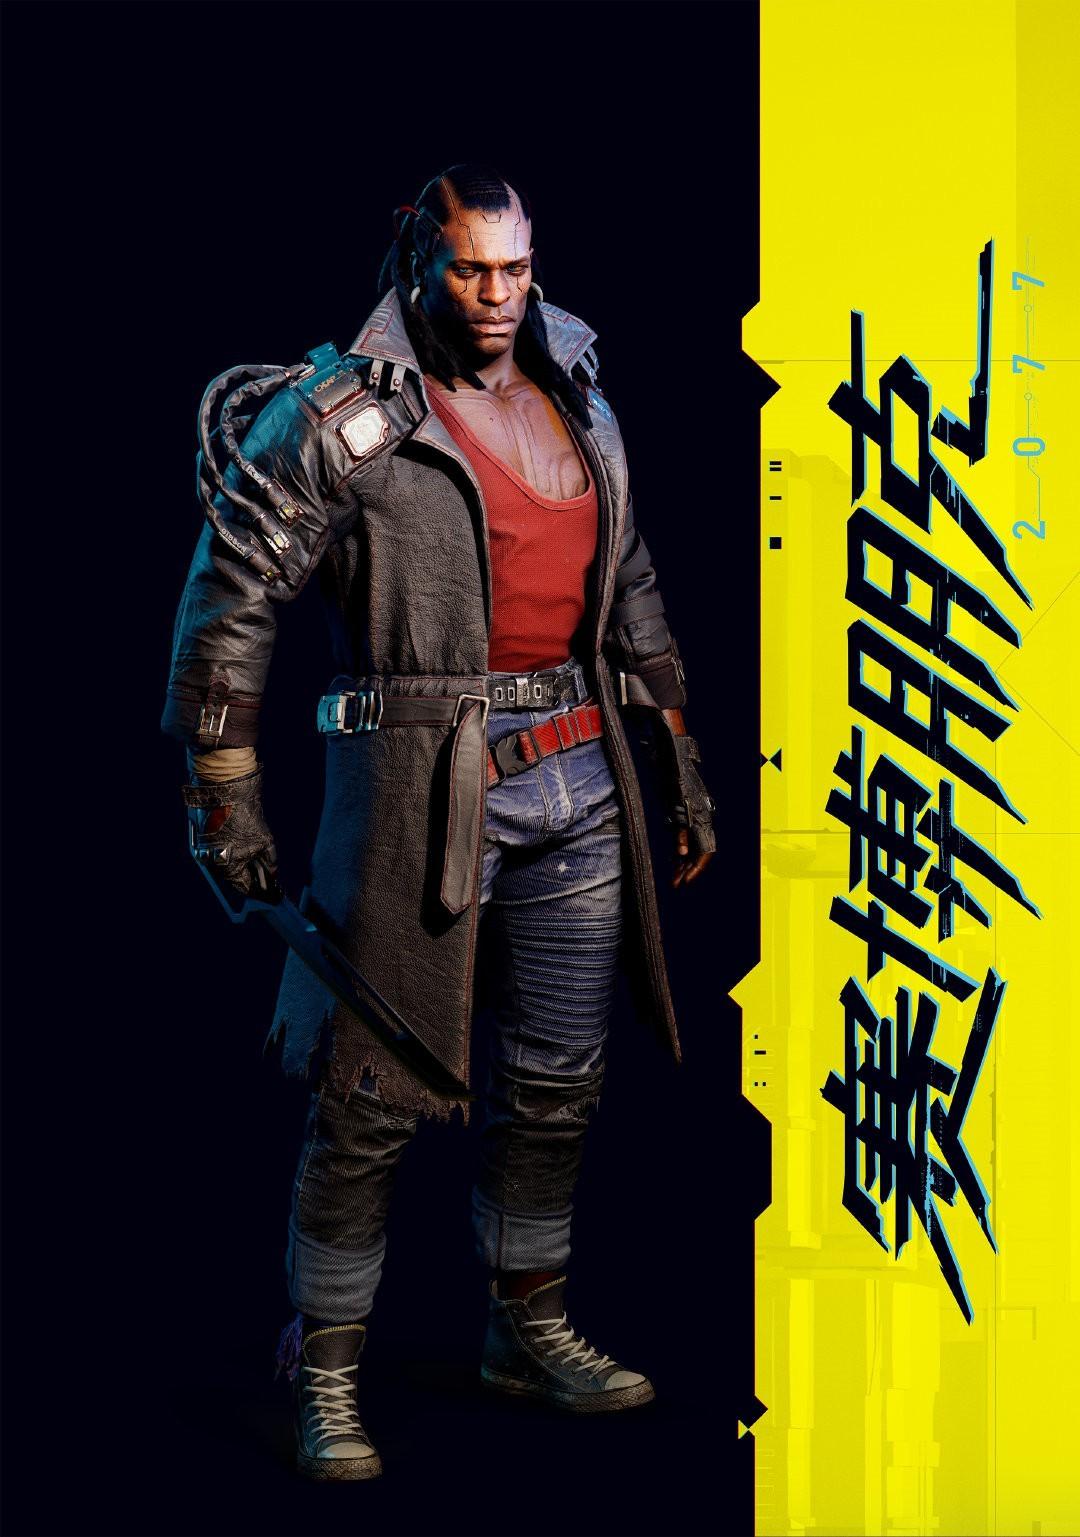 《赛博2077》新角色普拉西德:冷漠肌肉男很危险